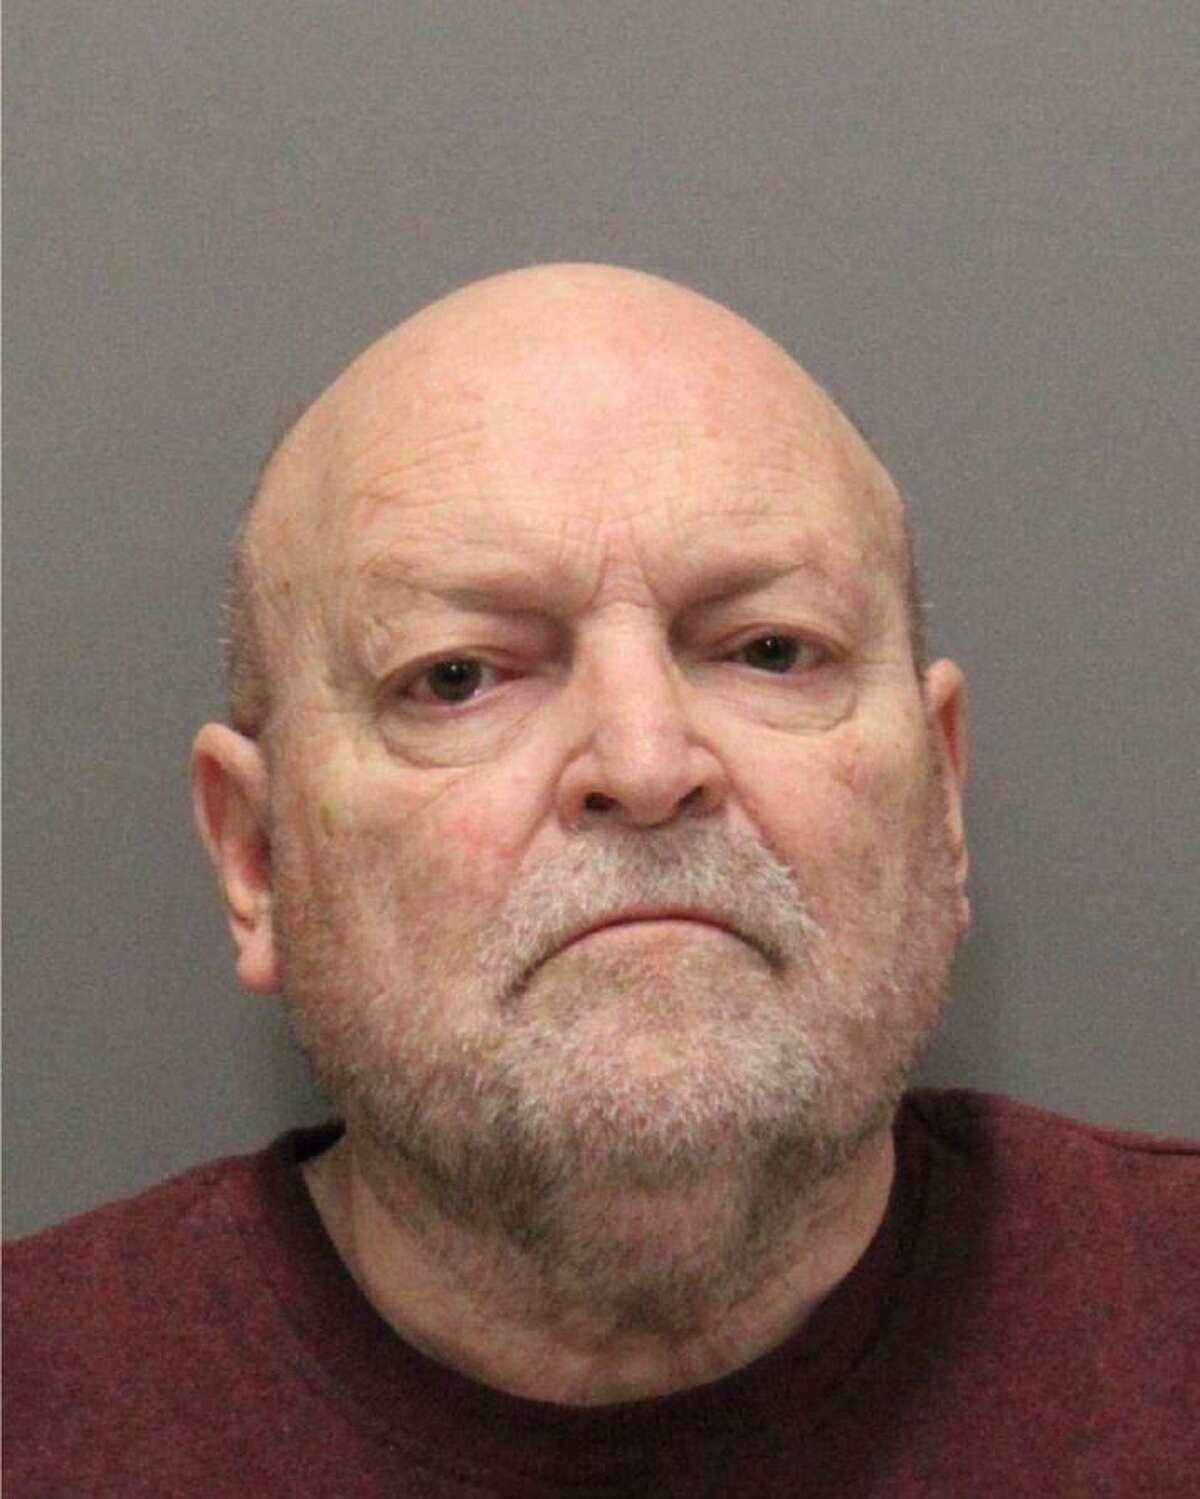 John Arthur Getreu has been arrested in a 1973 killing.